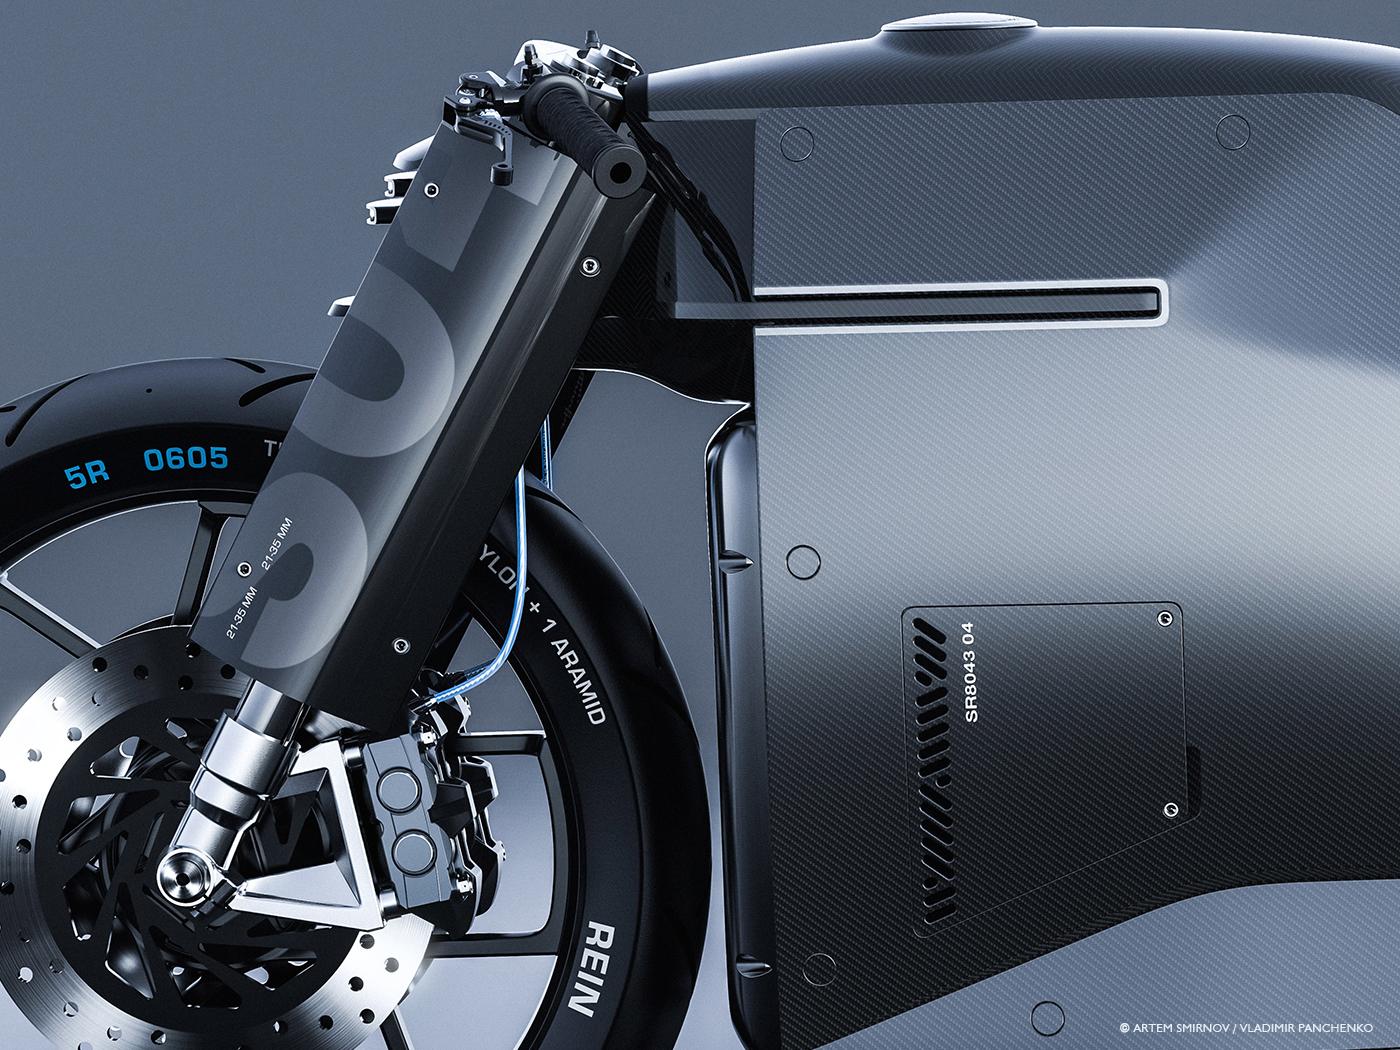 motorbike motorcycle Bike greatjapan japan motorcycle design motorbike design car design bike concept Motorcycle Concept